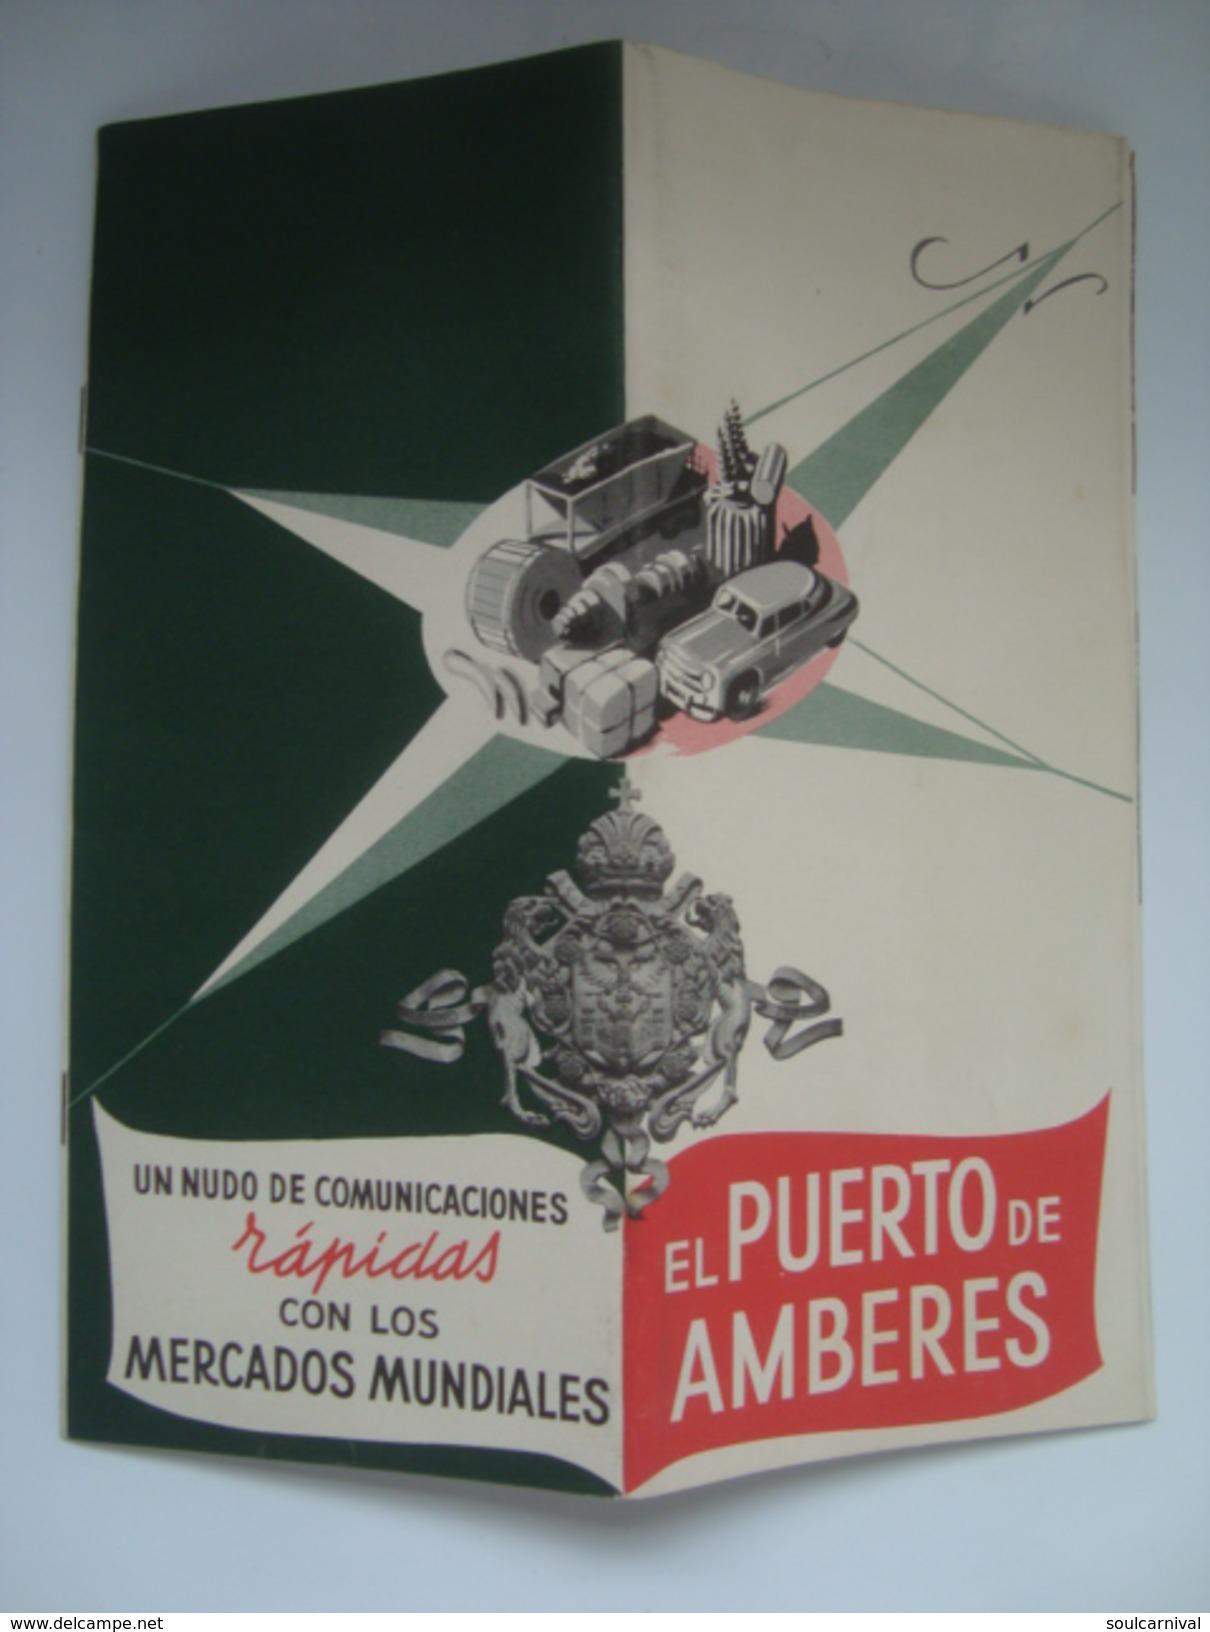 EL PUERTO DE AMBERES. UN NUDO DE COMUNICACIONES RAPIDAS CON LOS MERCADOS MUNDIALES - BELGIQUE ANTWERP FLANDRE 1953. - Bateaux